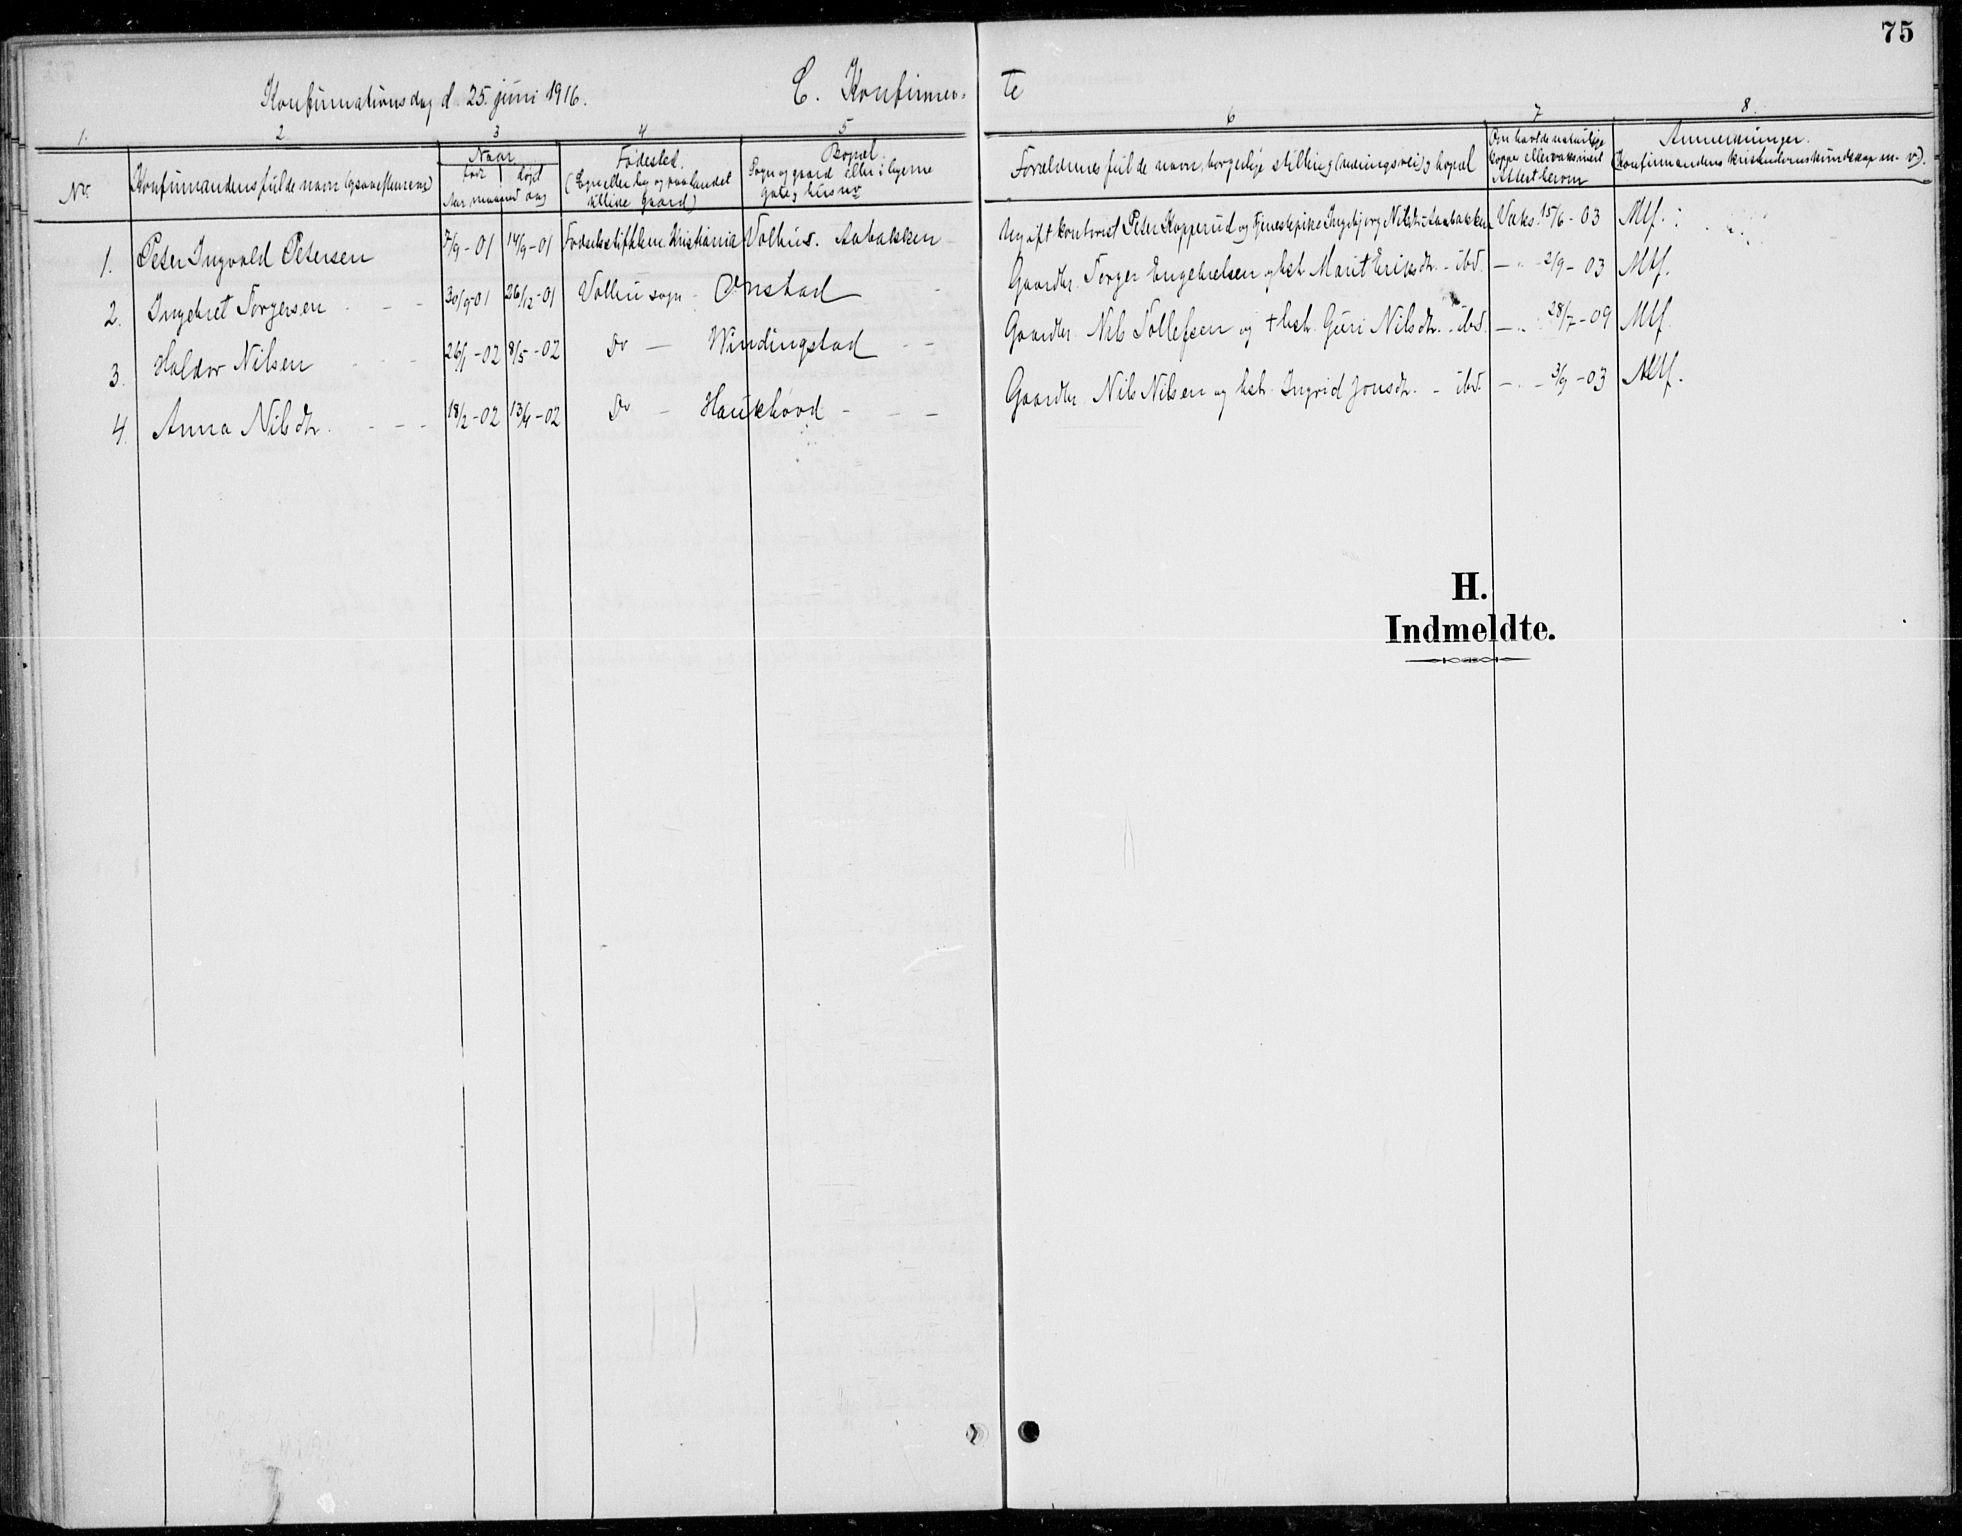 SAH, Øystre Slidre prestekontor, Ministerialbok nr. 5, 1887-1916, s. 75